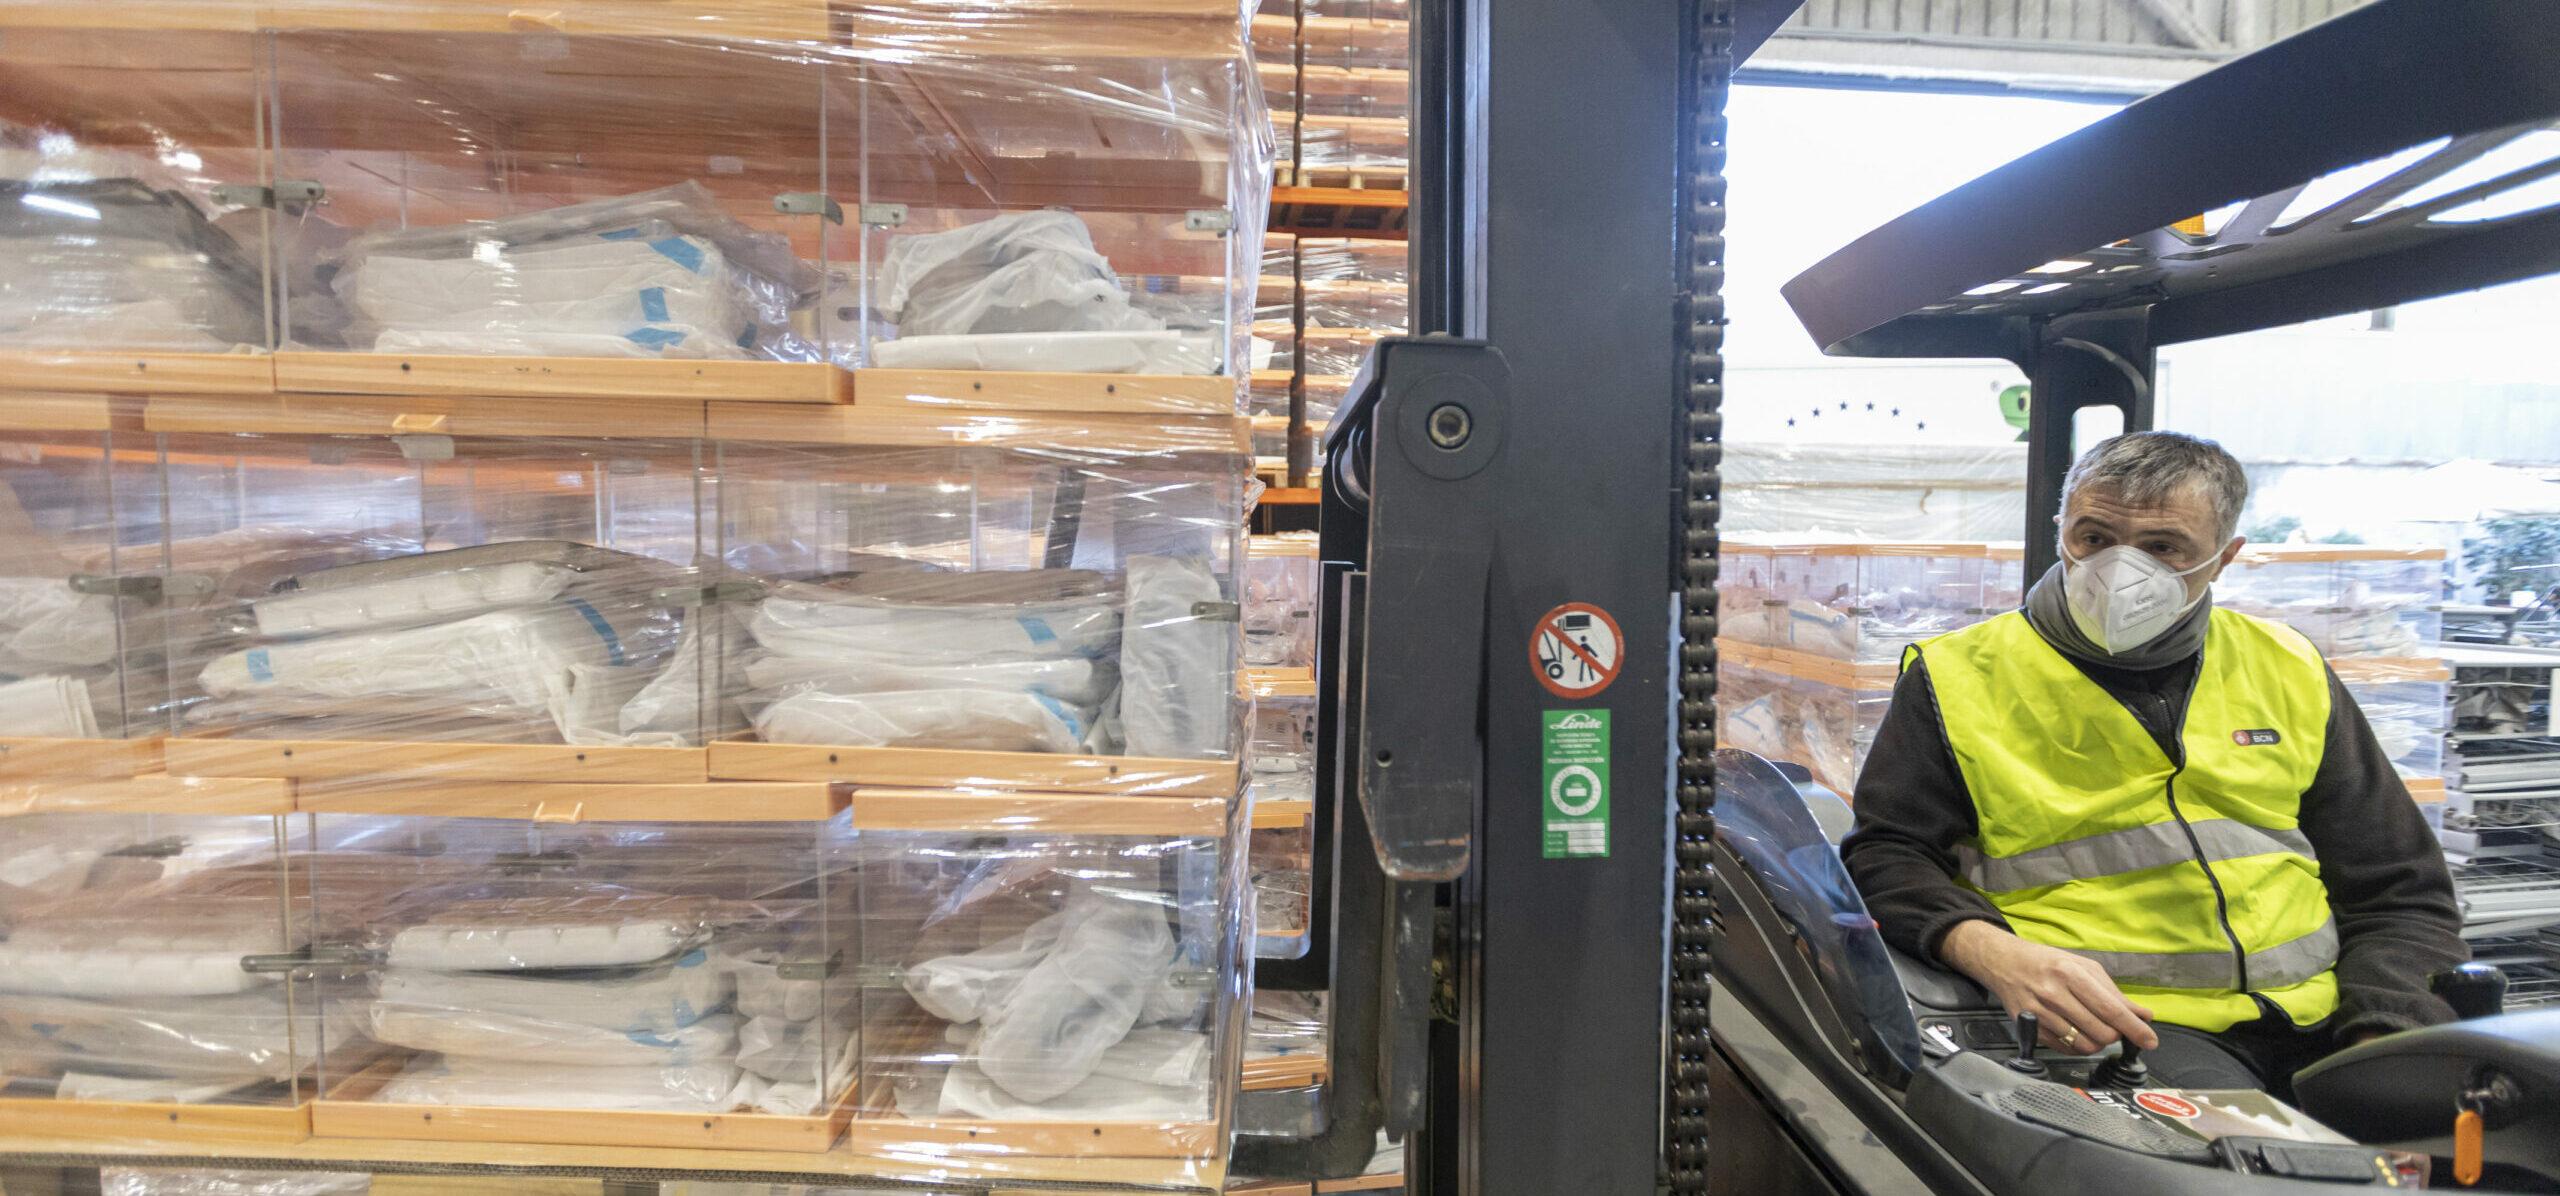 Operaris manipulant algunes de les urnes que s'utilitzaran a Barcelona en les eleccions del 14-F | ACN